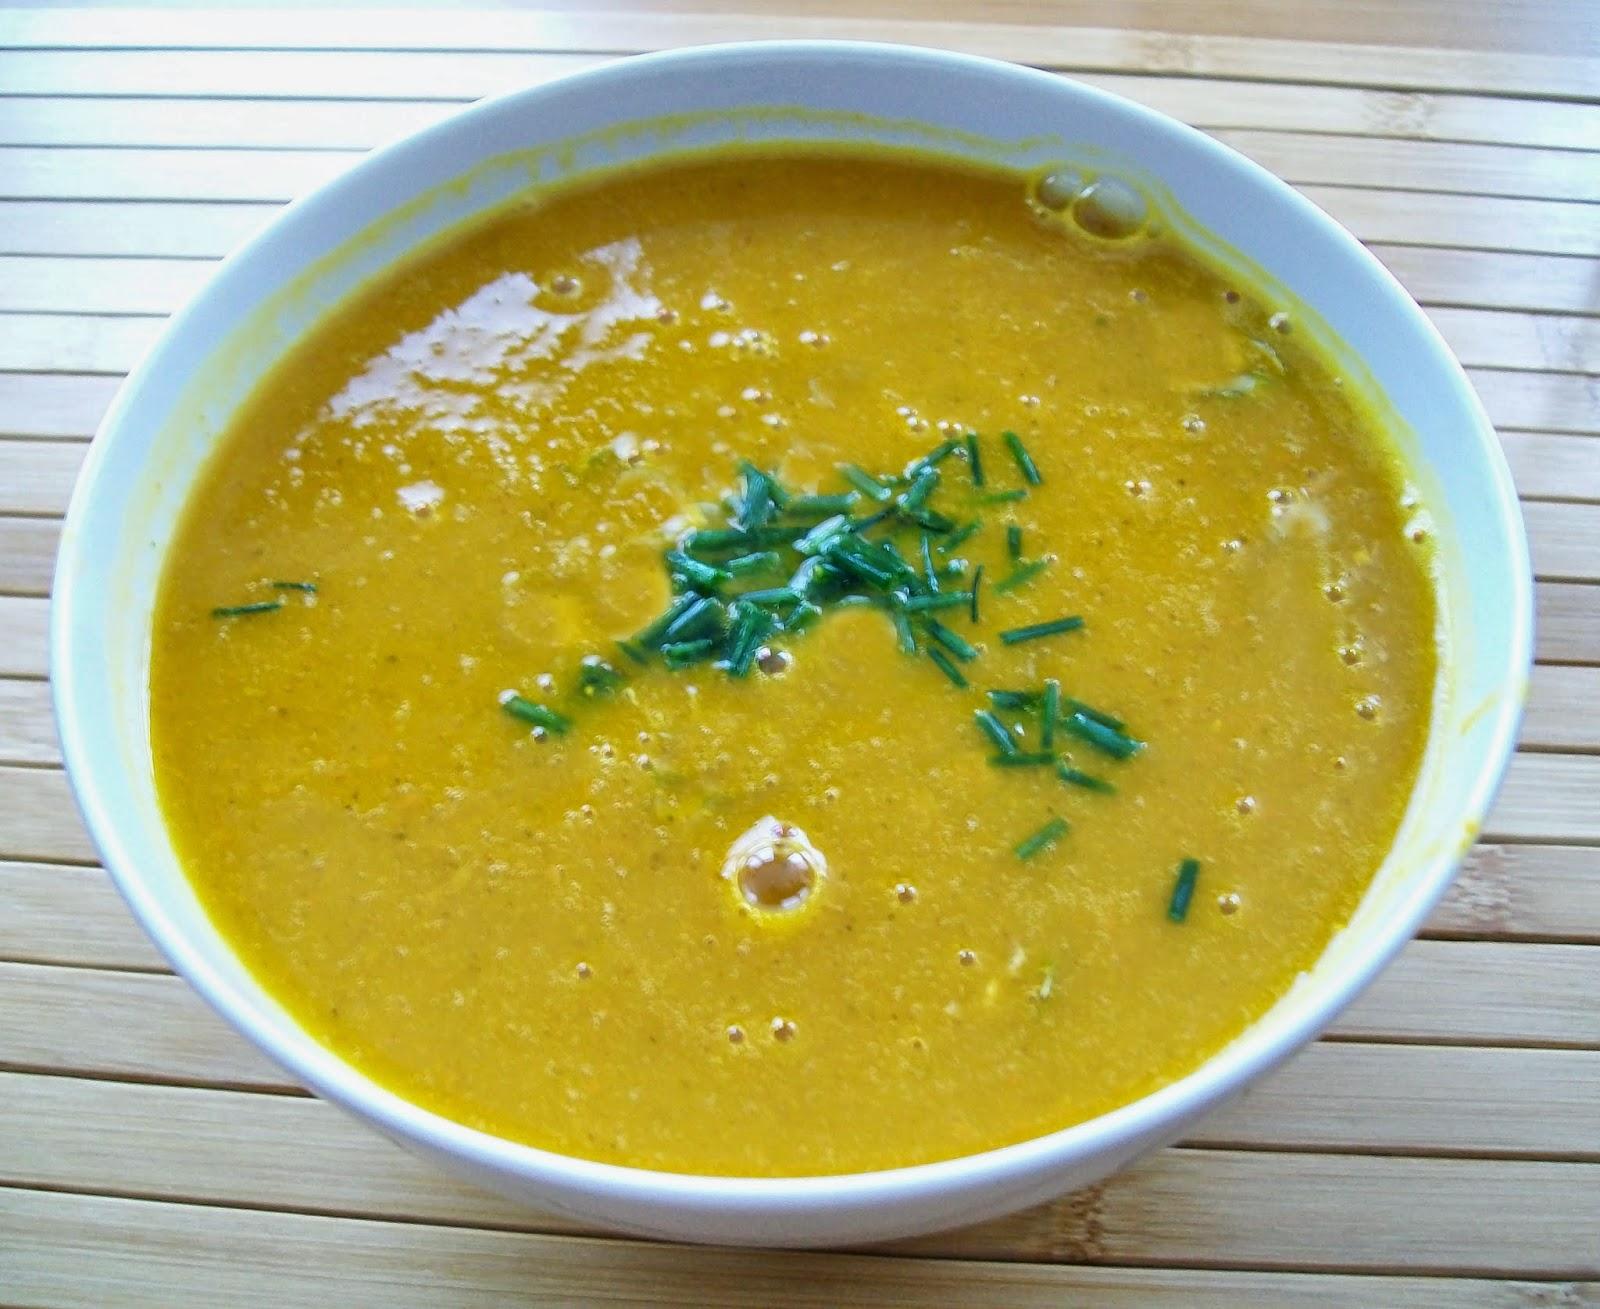 vegan essen in wien - Vegane Karotten-Ingwer-Creme-Suppe (veganes Rezept für 2 Personen)